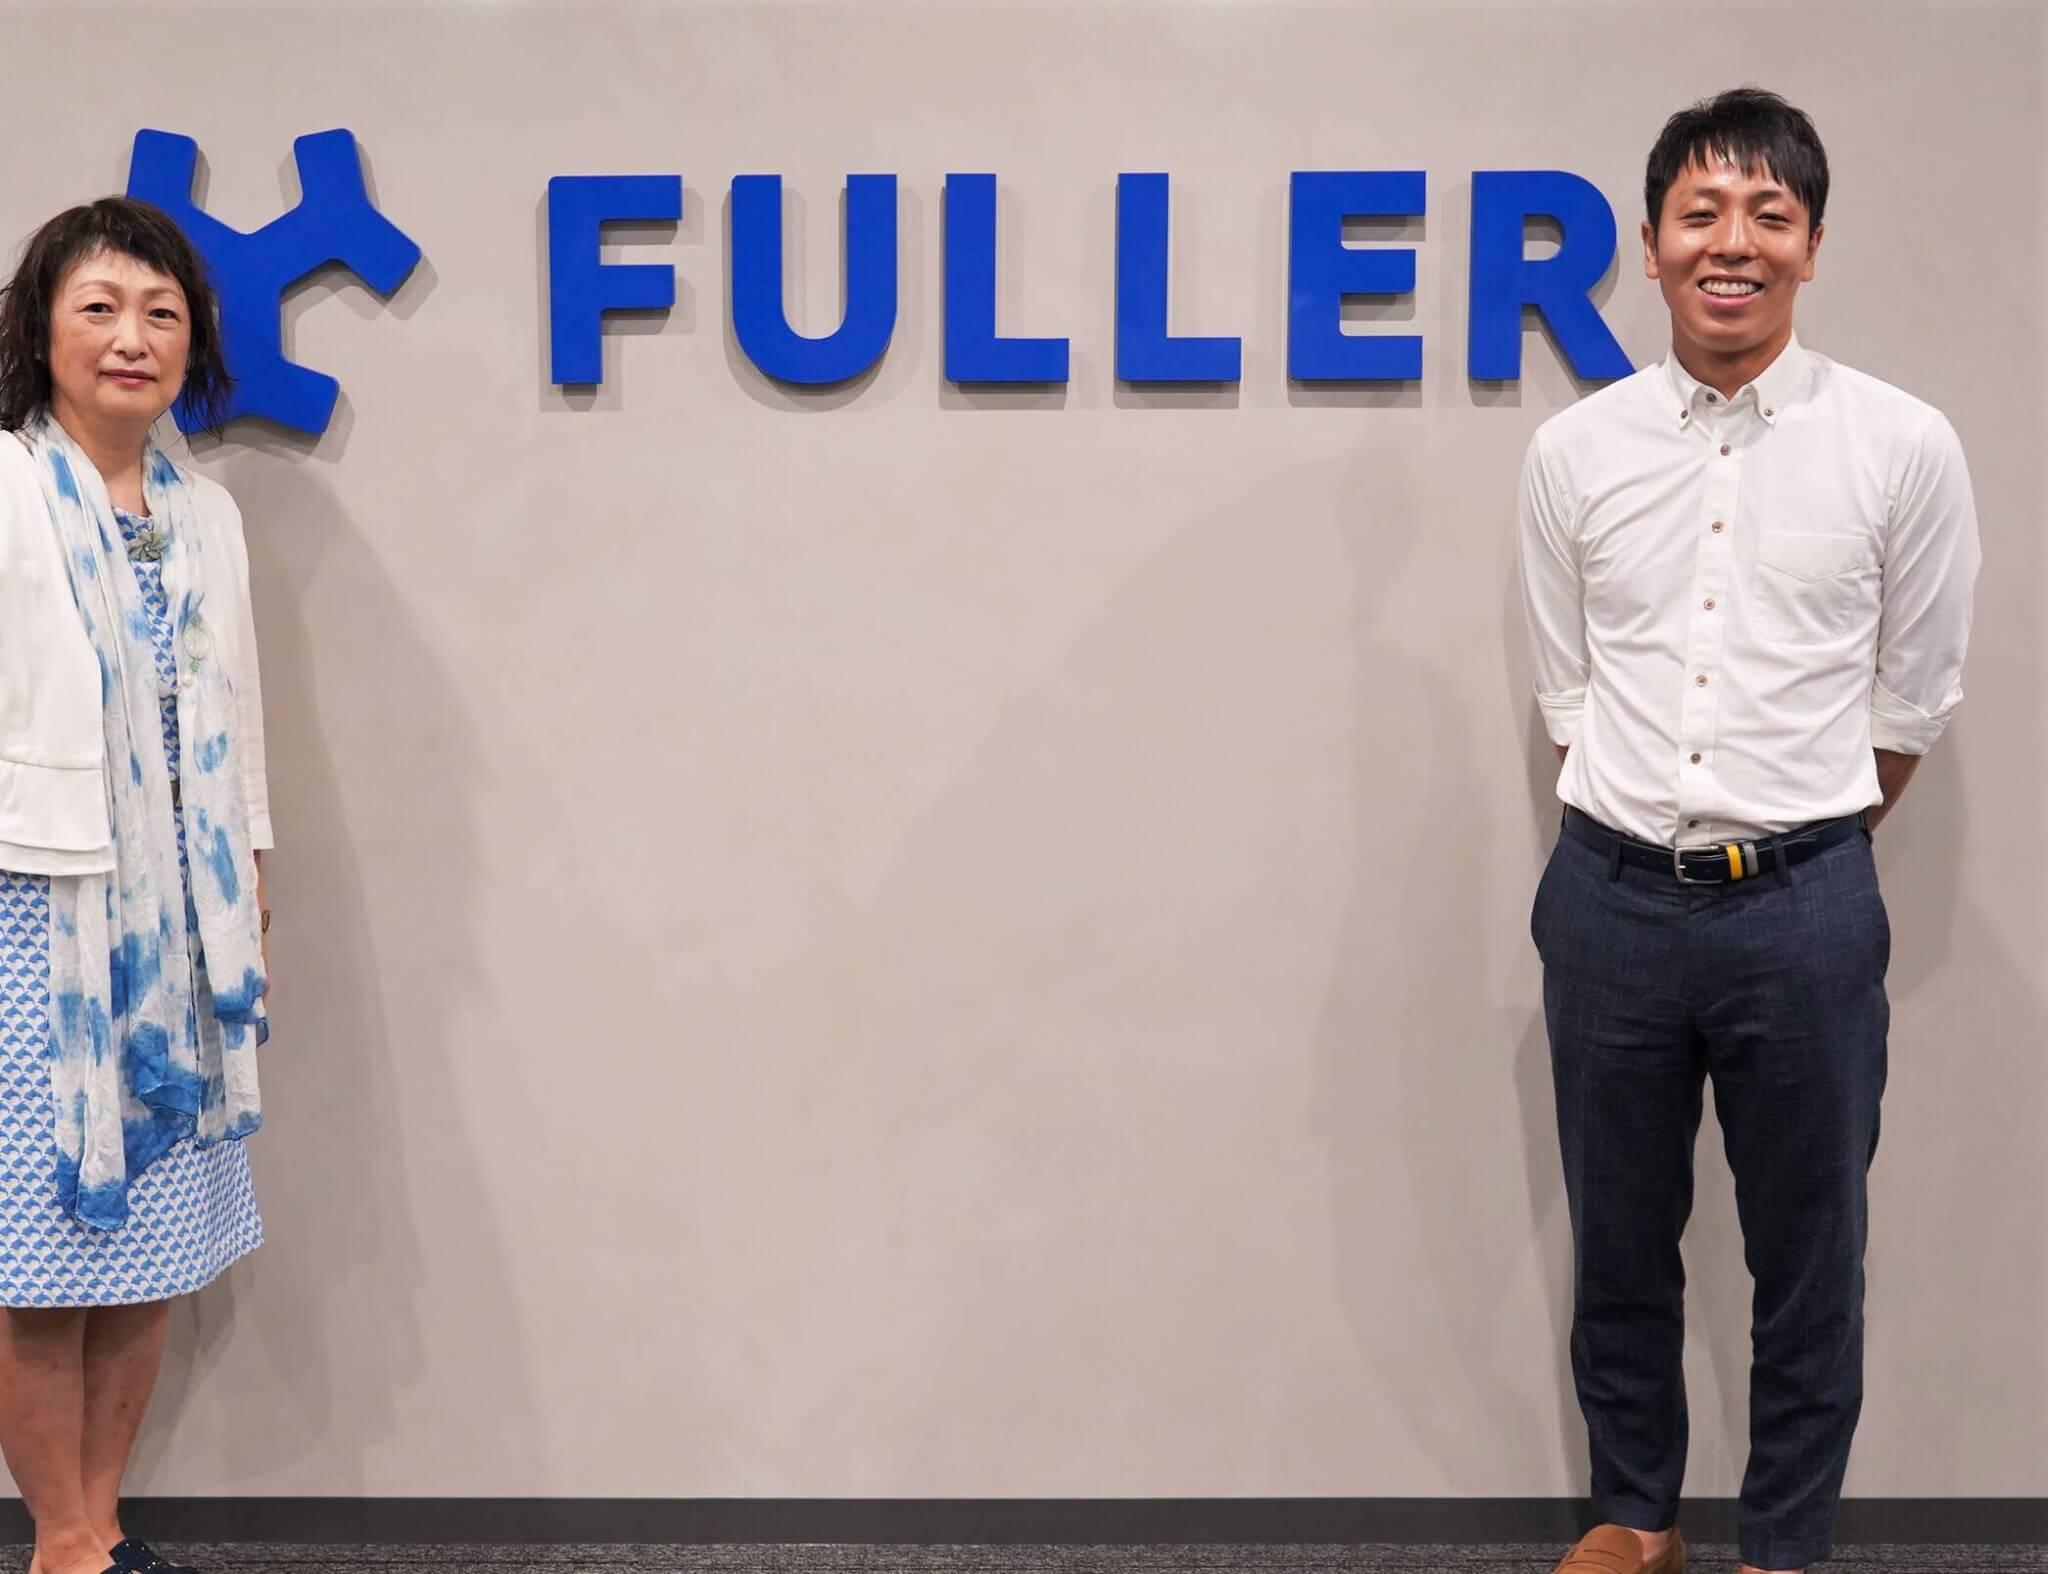 フラー株式会社 渋谷修太さんと筆者